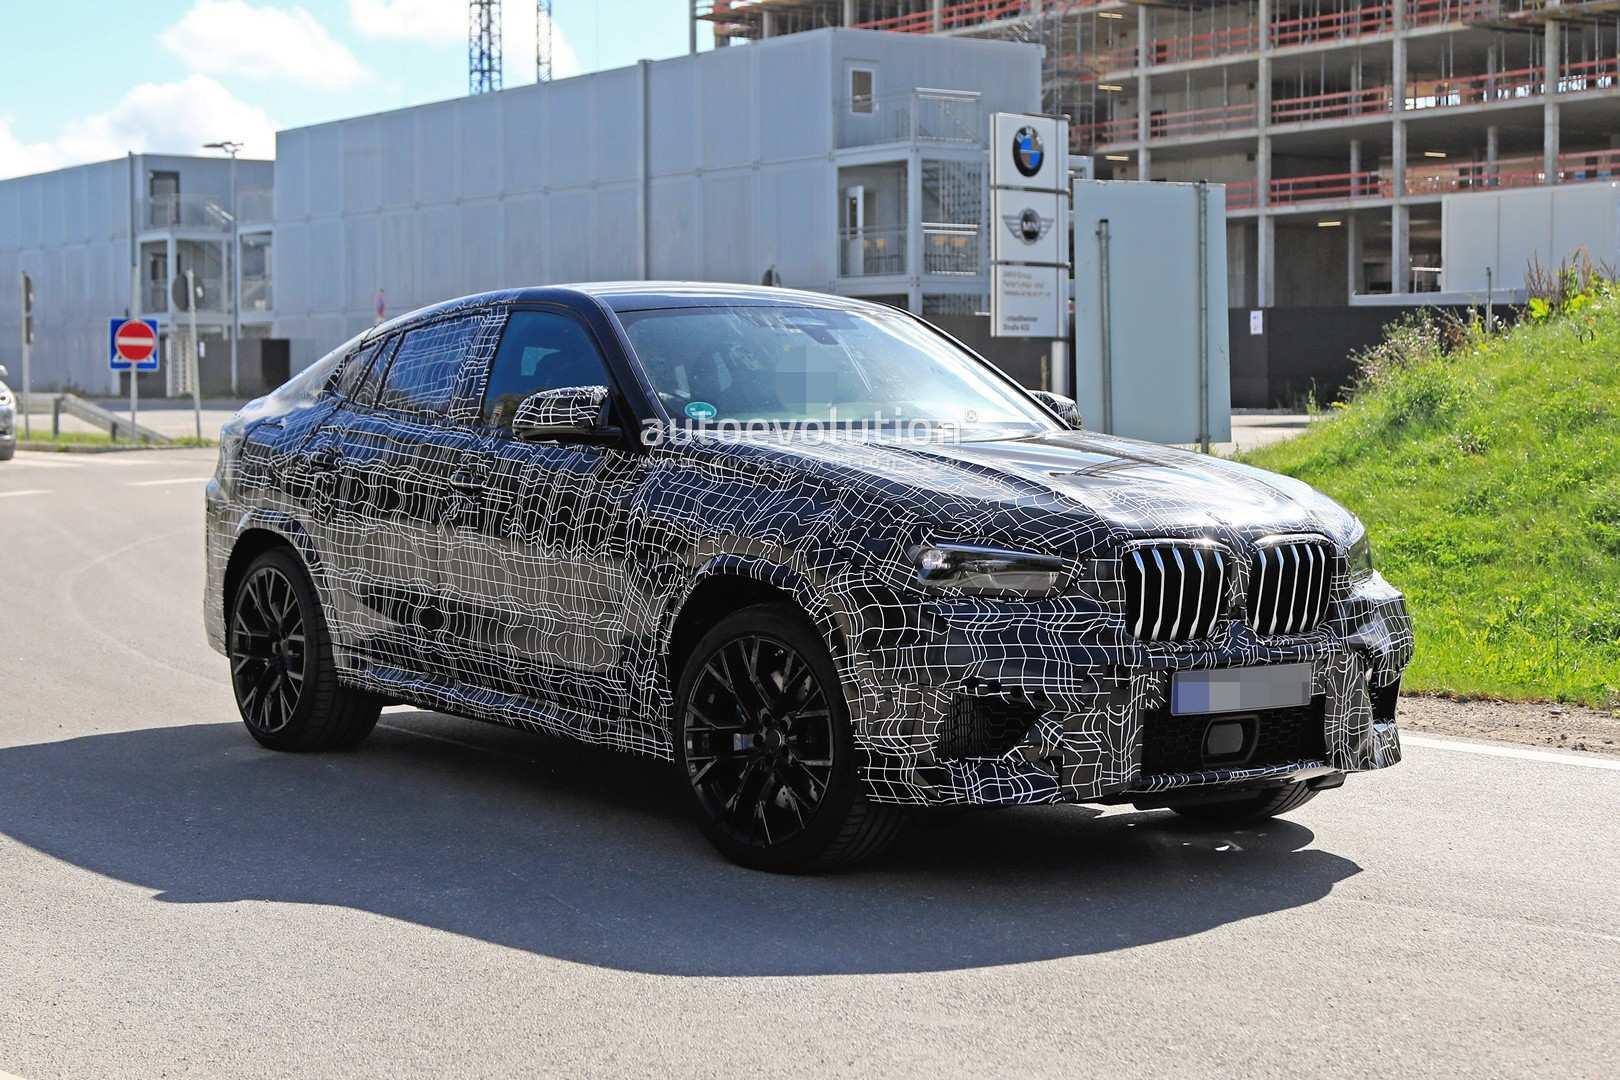 75 Concept of 2020 BMW X6 2020 Spesification with 2020 BMW X6 2020